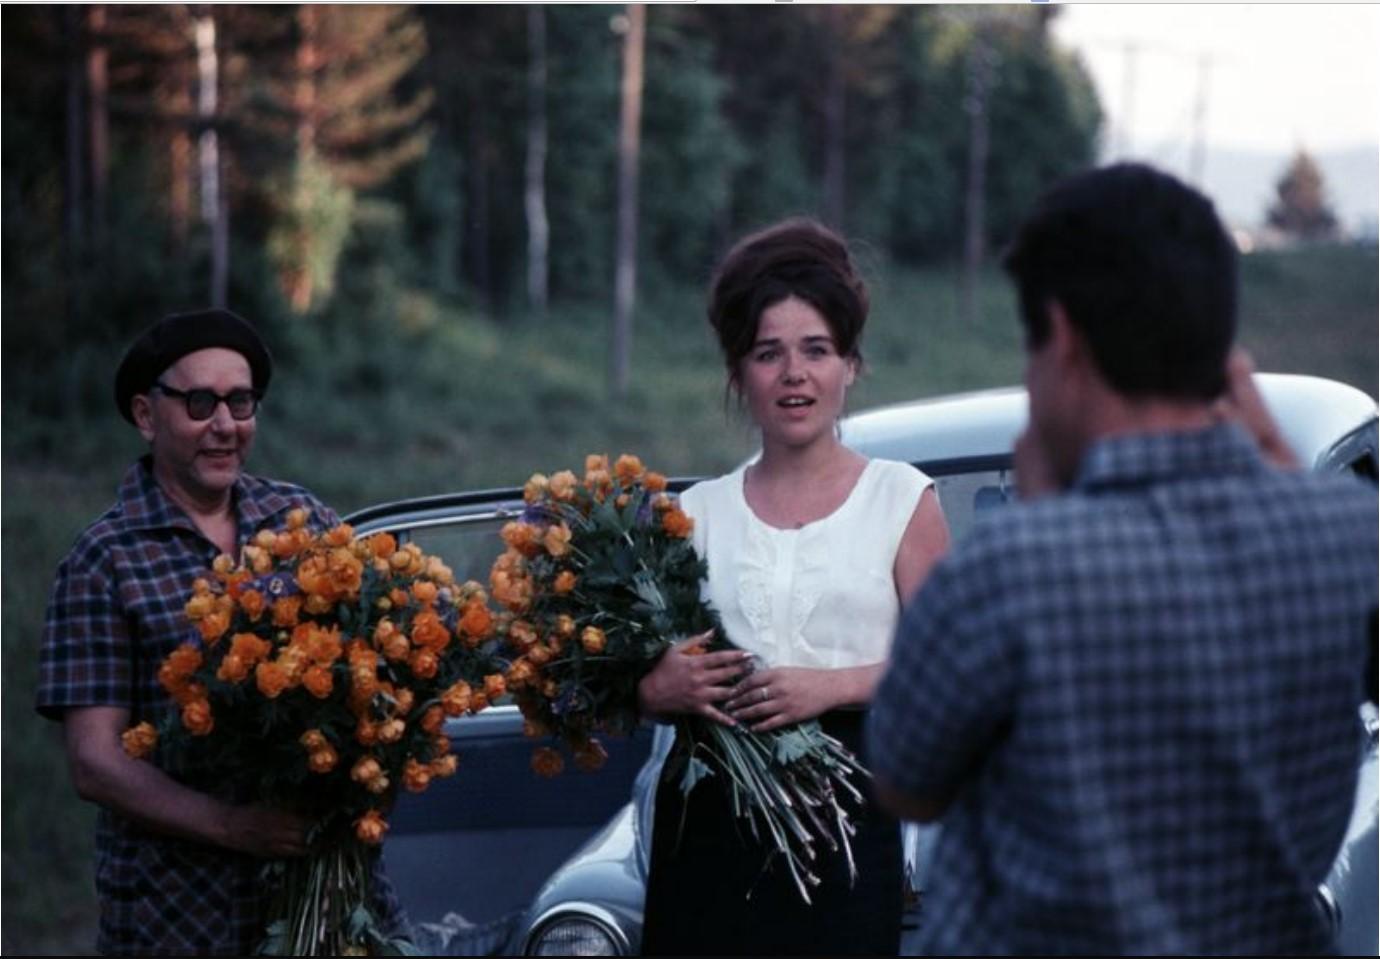 Женщина и мужчина с большими букетами жарков (в оригинале розами)